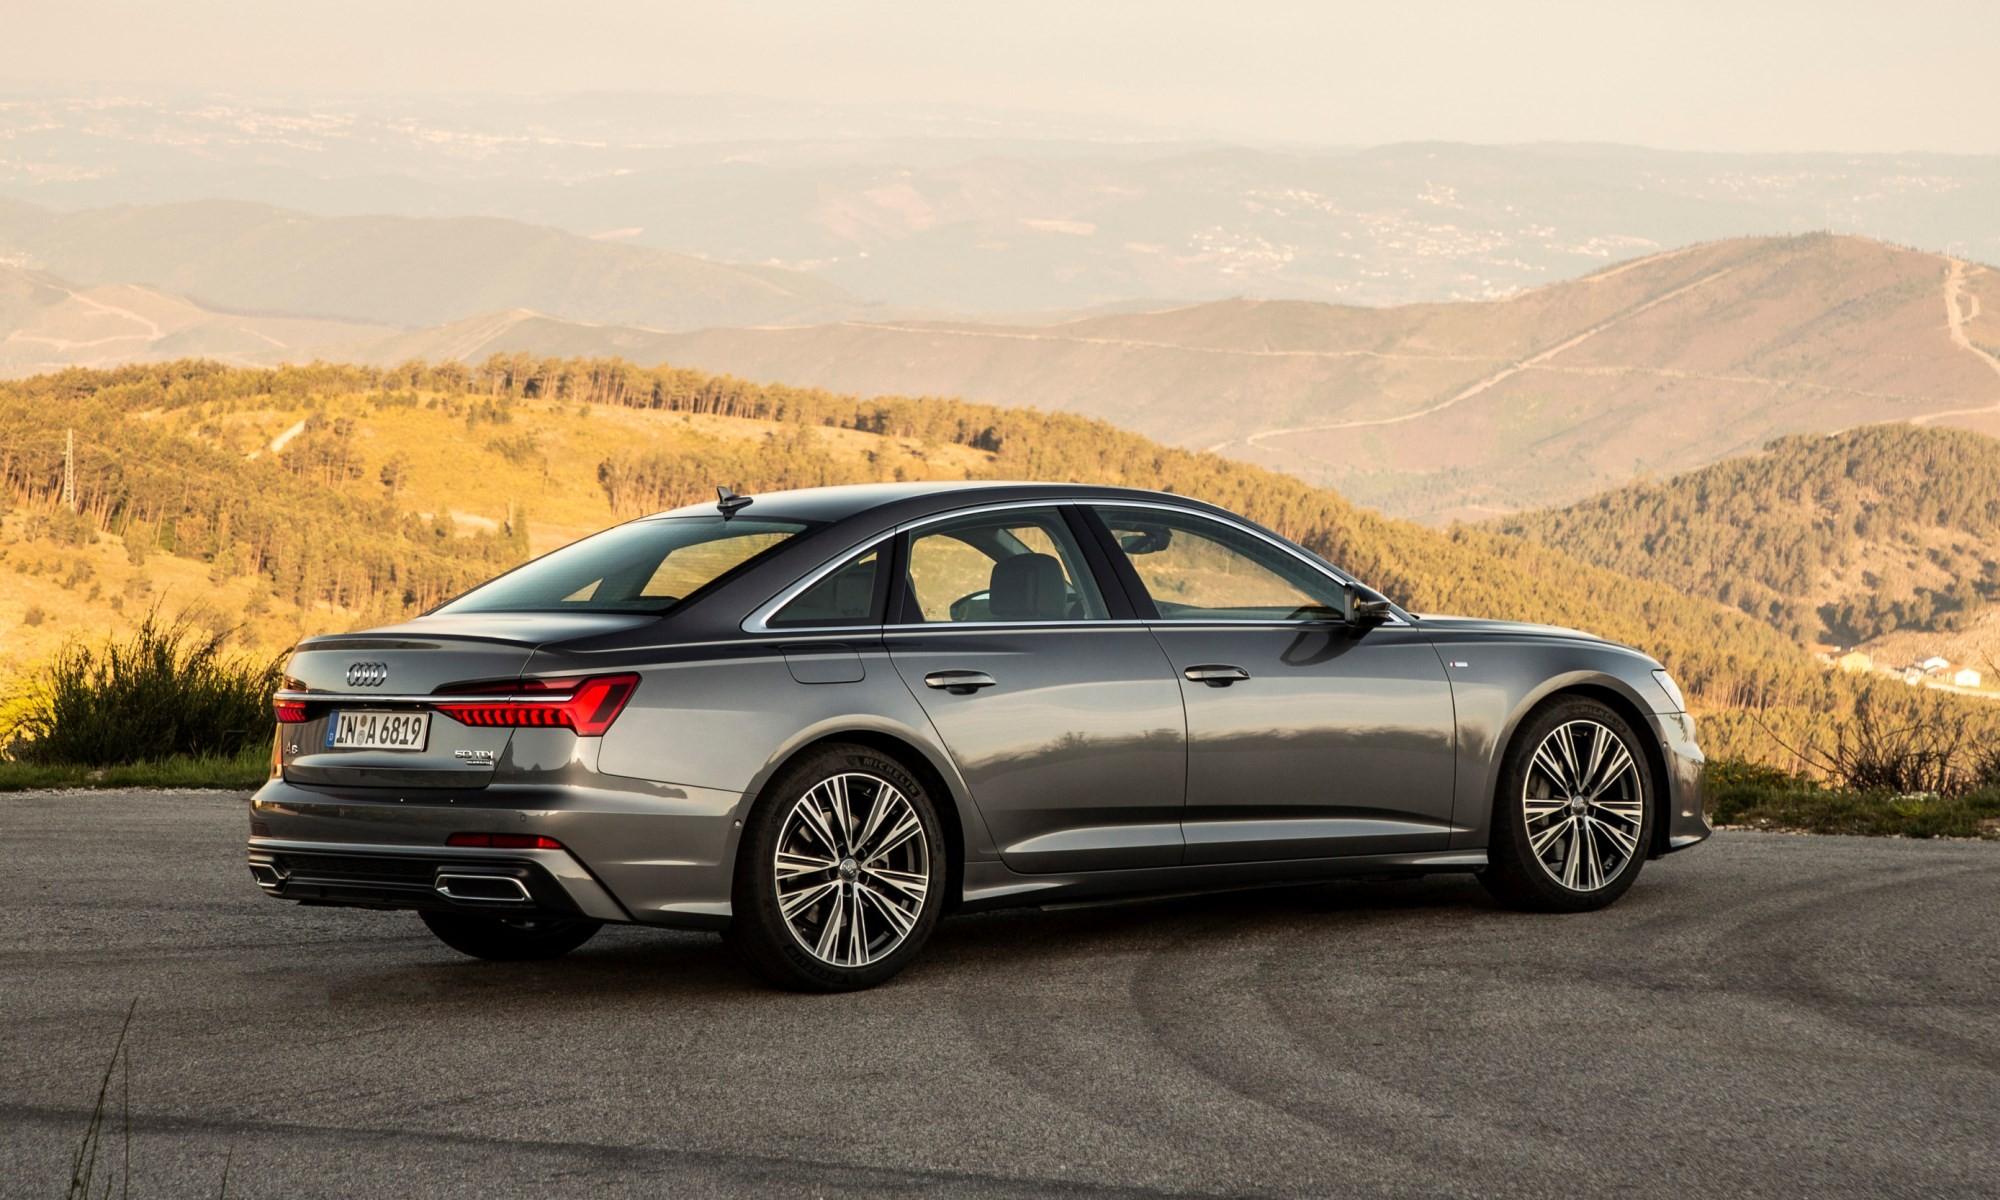 New Audi A6 rear